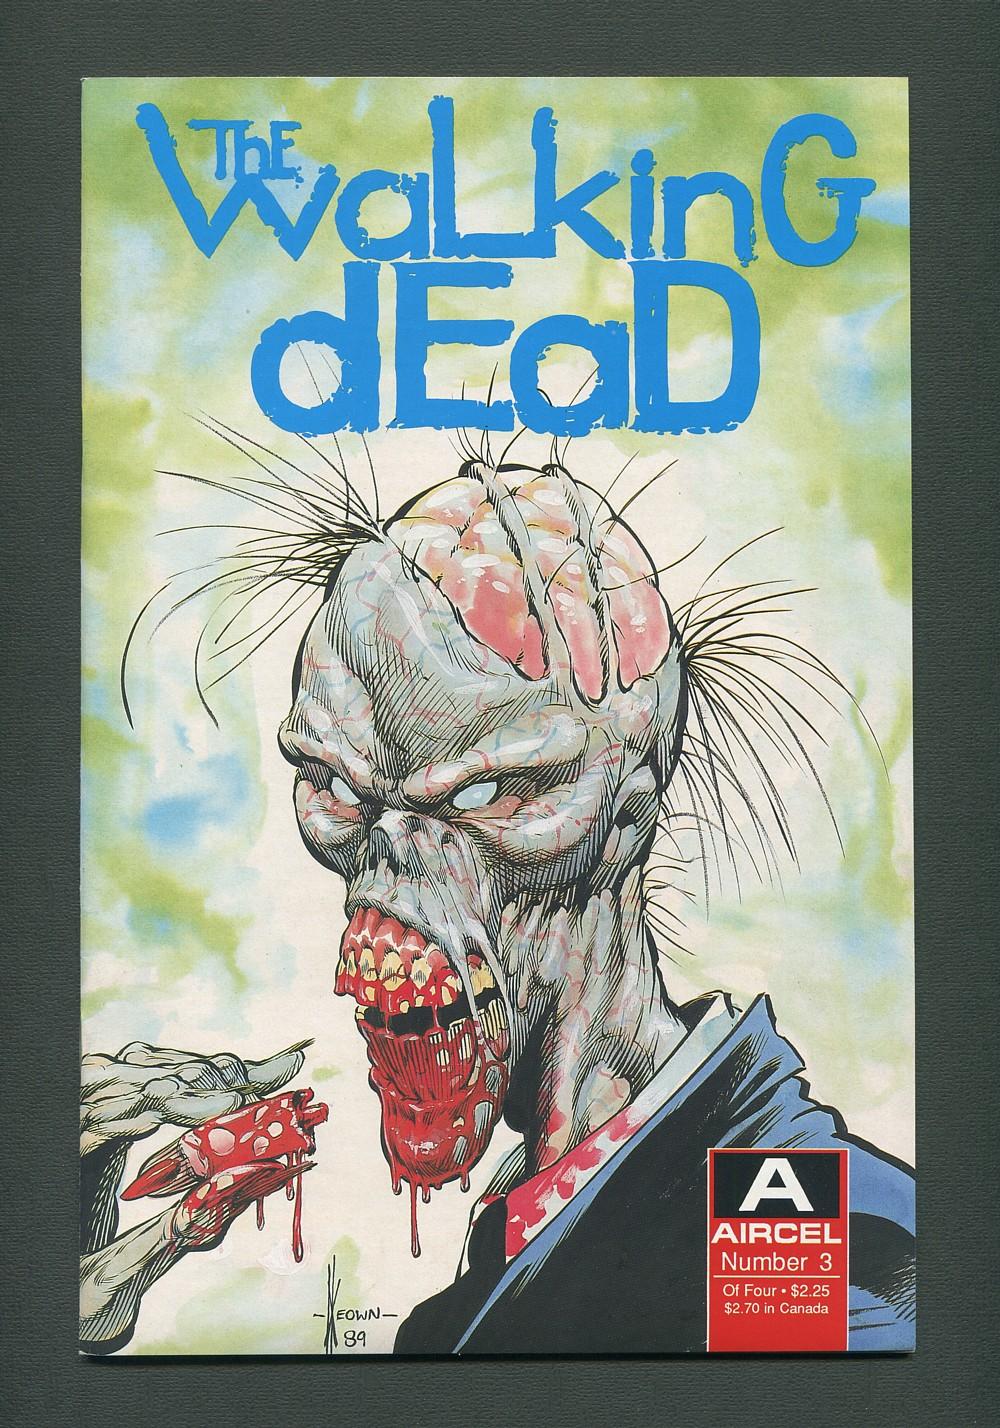 WALKING DEAD #2 1ST PRINT//AIRCEL COMICS//J.W SOMERVILLE//1989 Mini-Series! 9.2-